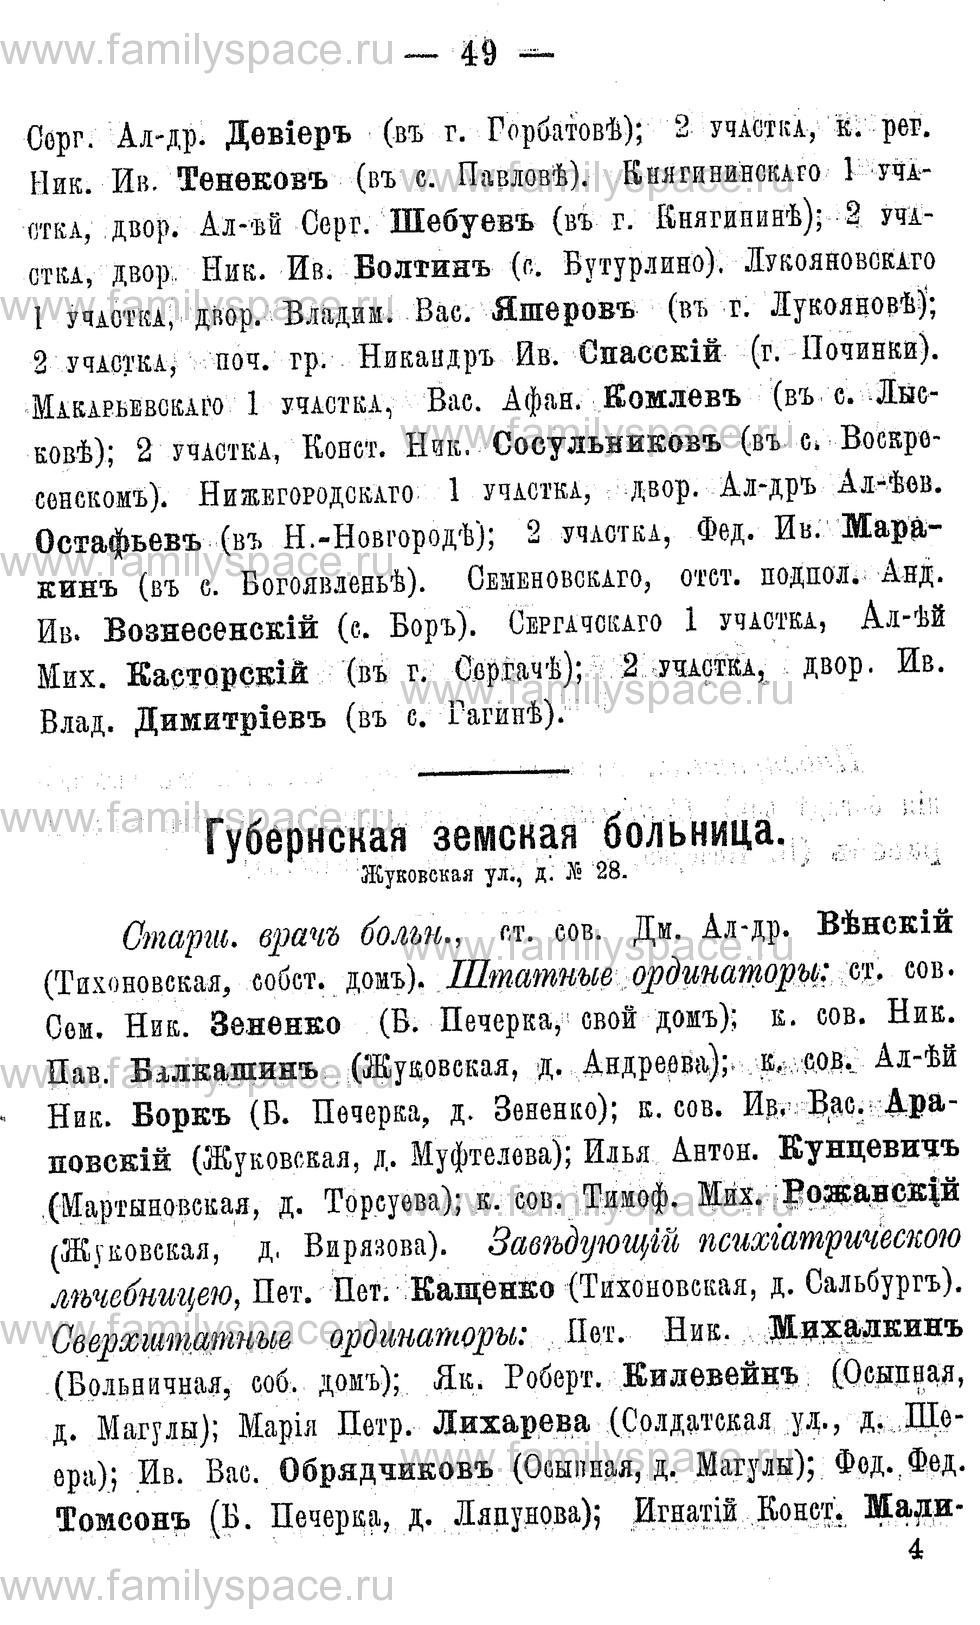 Поиск по фамилии - Адрес-календарь Нижегородской губернии на 1891 год, страница 49